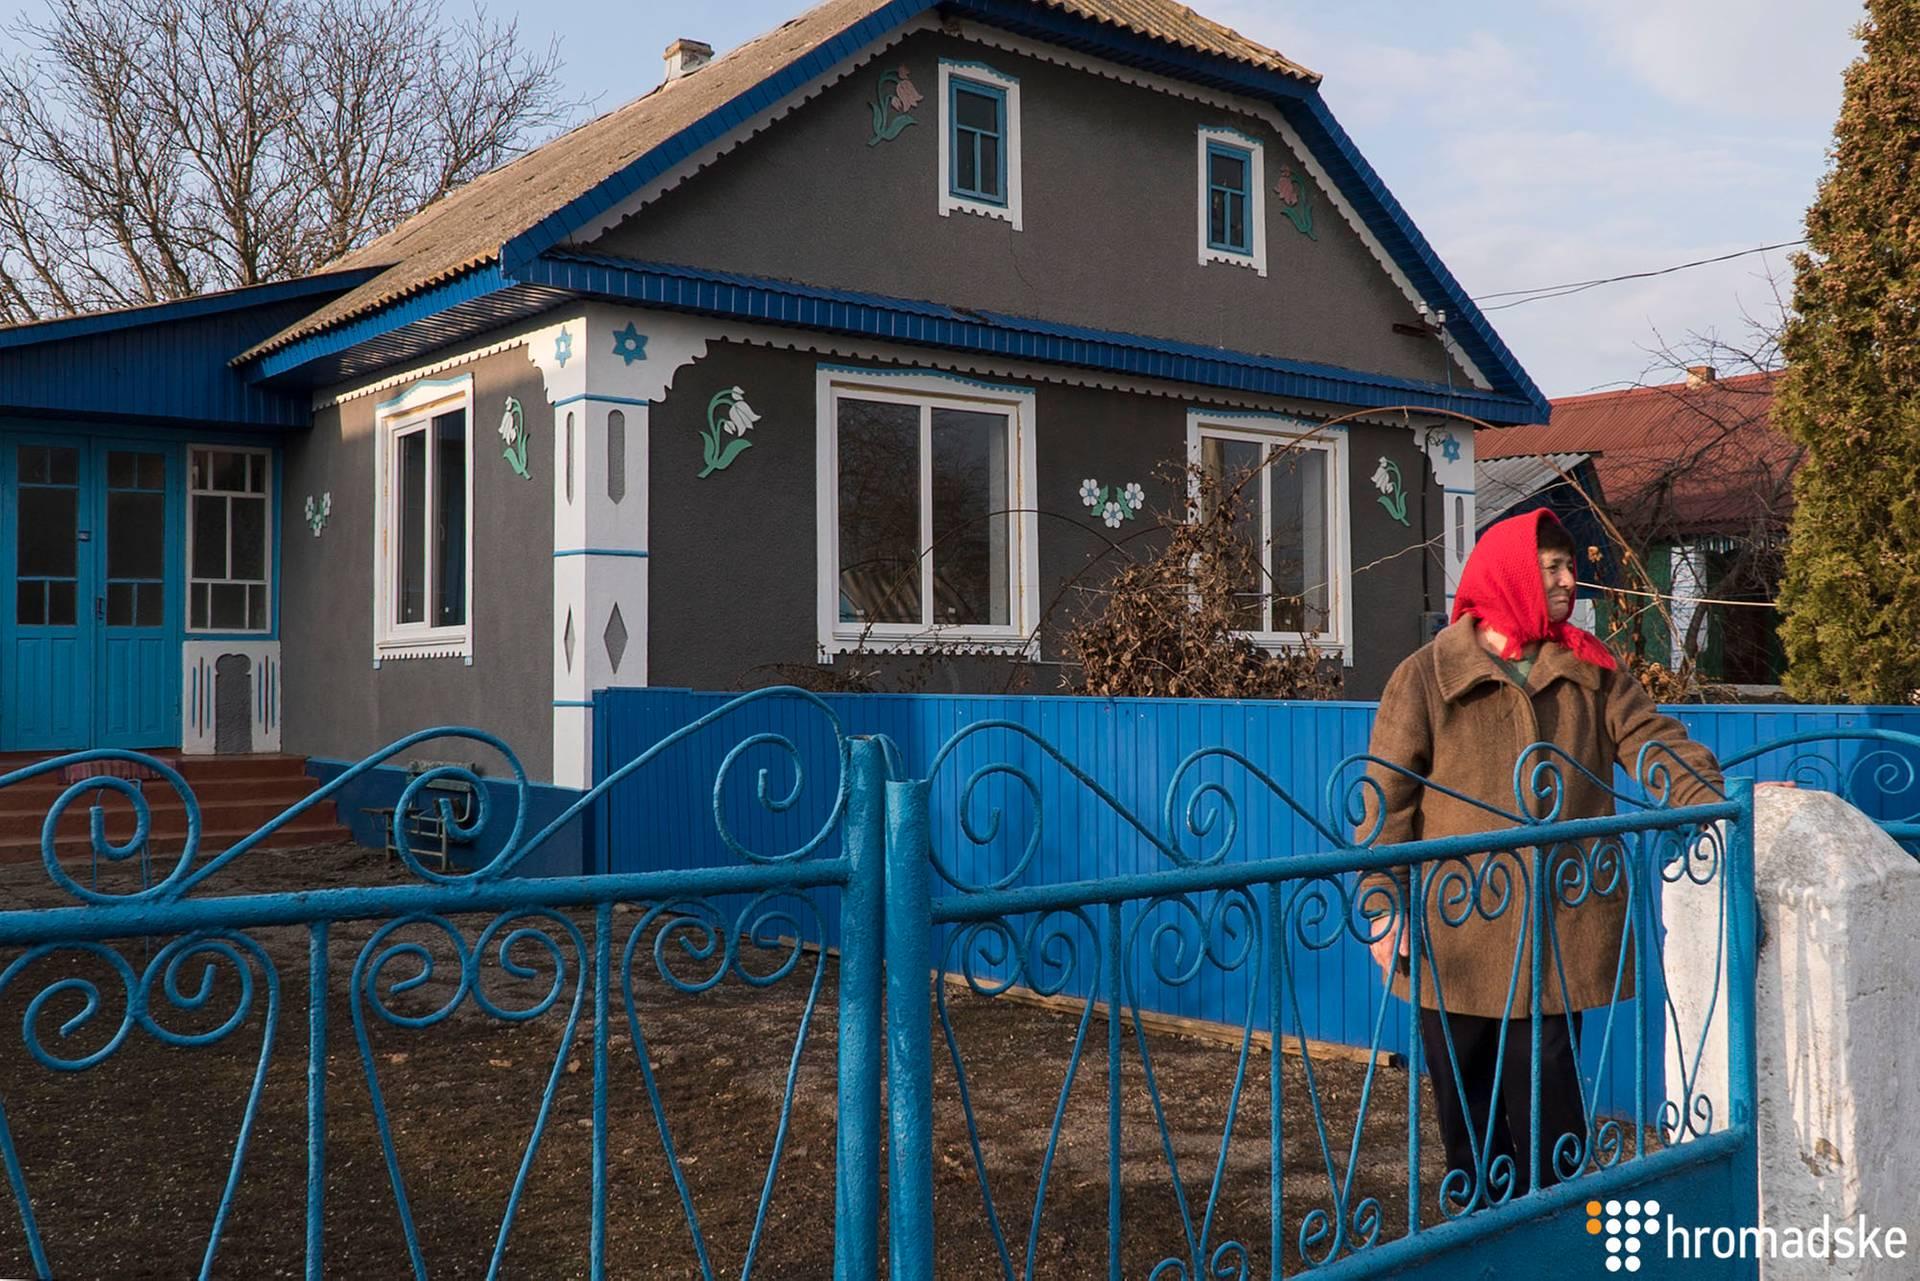 Ніна (на фото) минулого року отримала 4 тисячі 200 гривень субсидії, усі витратила на дрова, Котюжани, Вінницька область, 21 лютого 2019 року